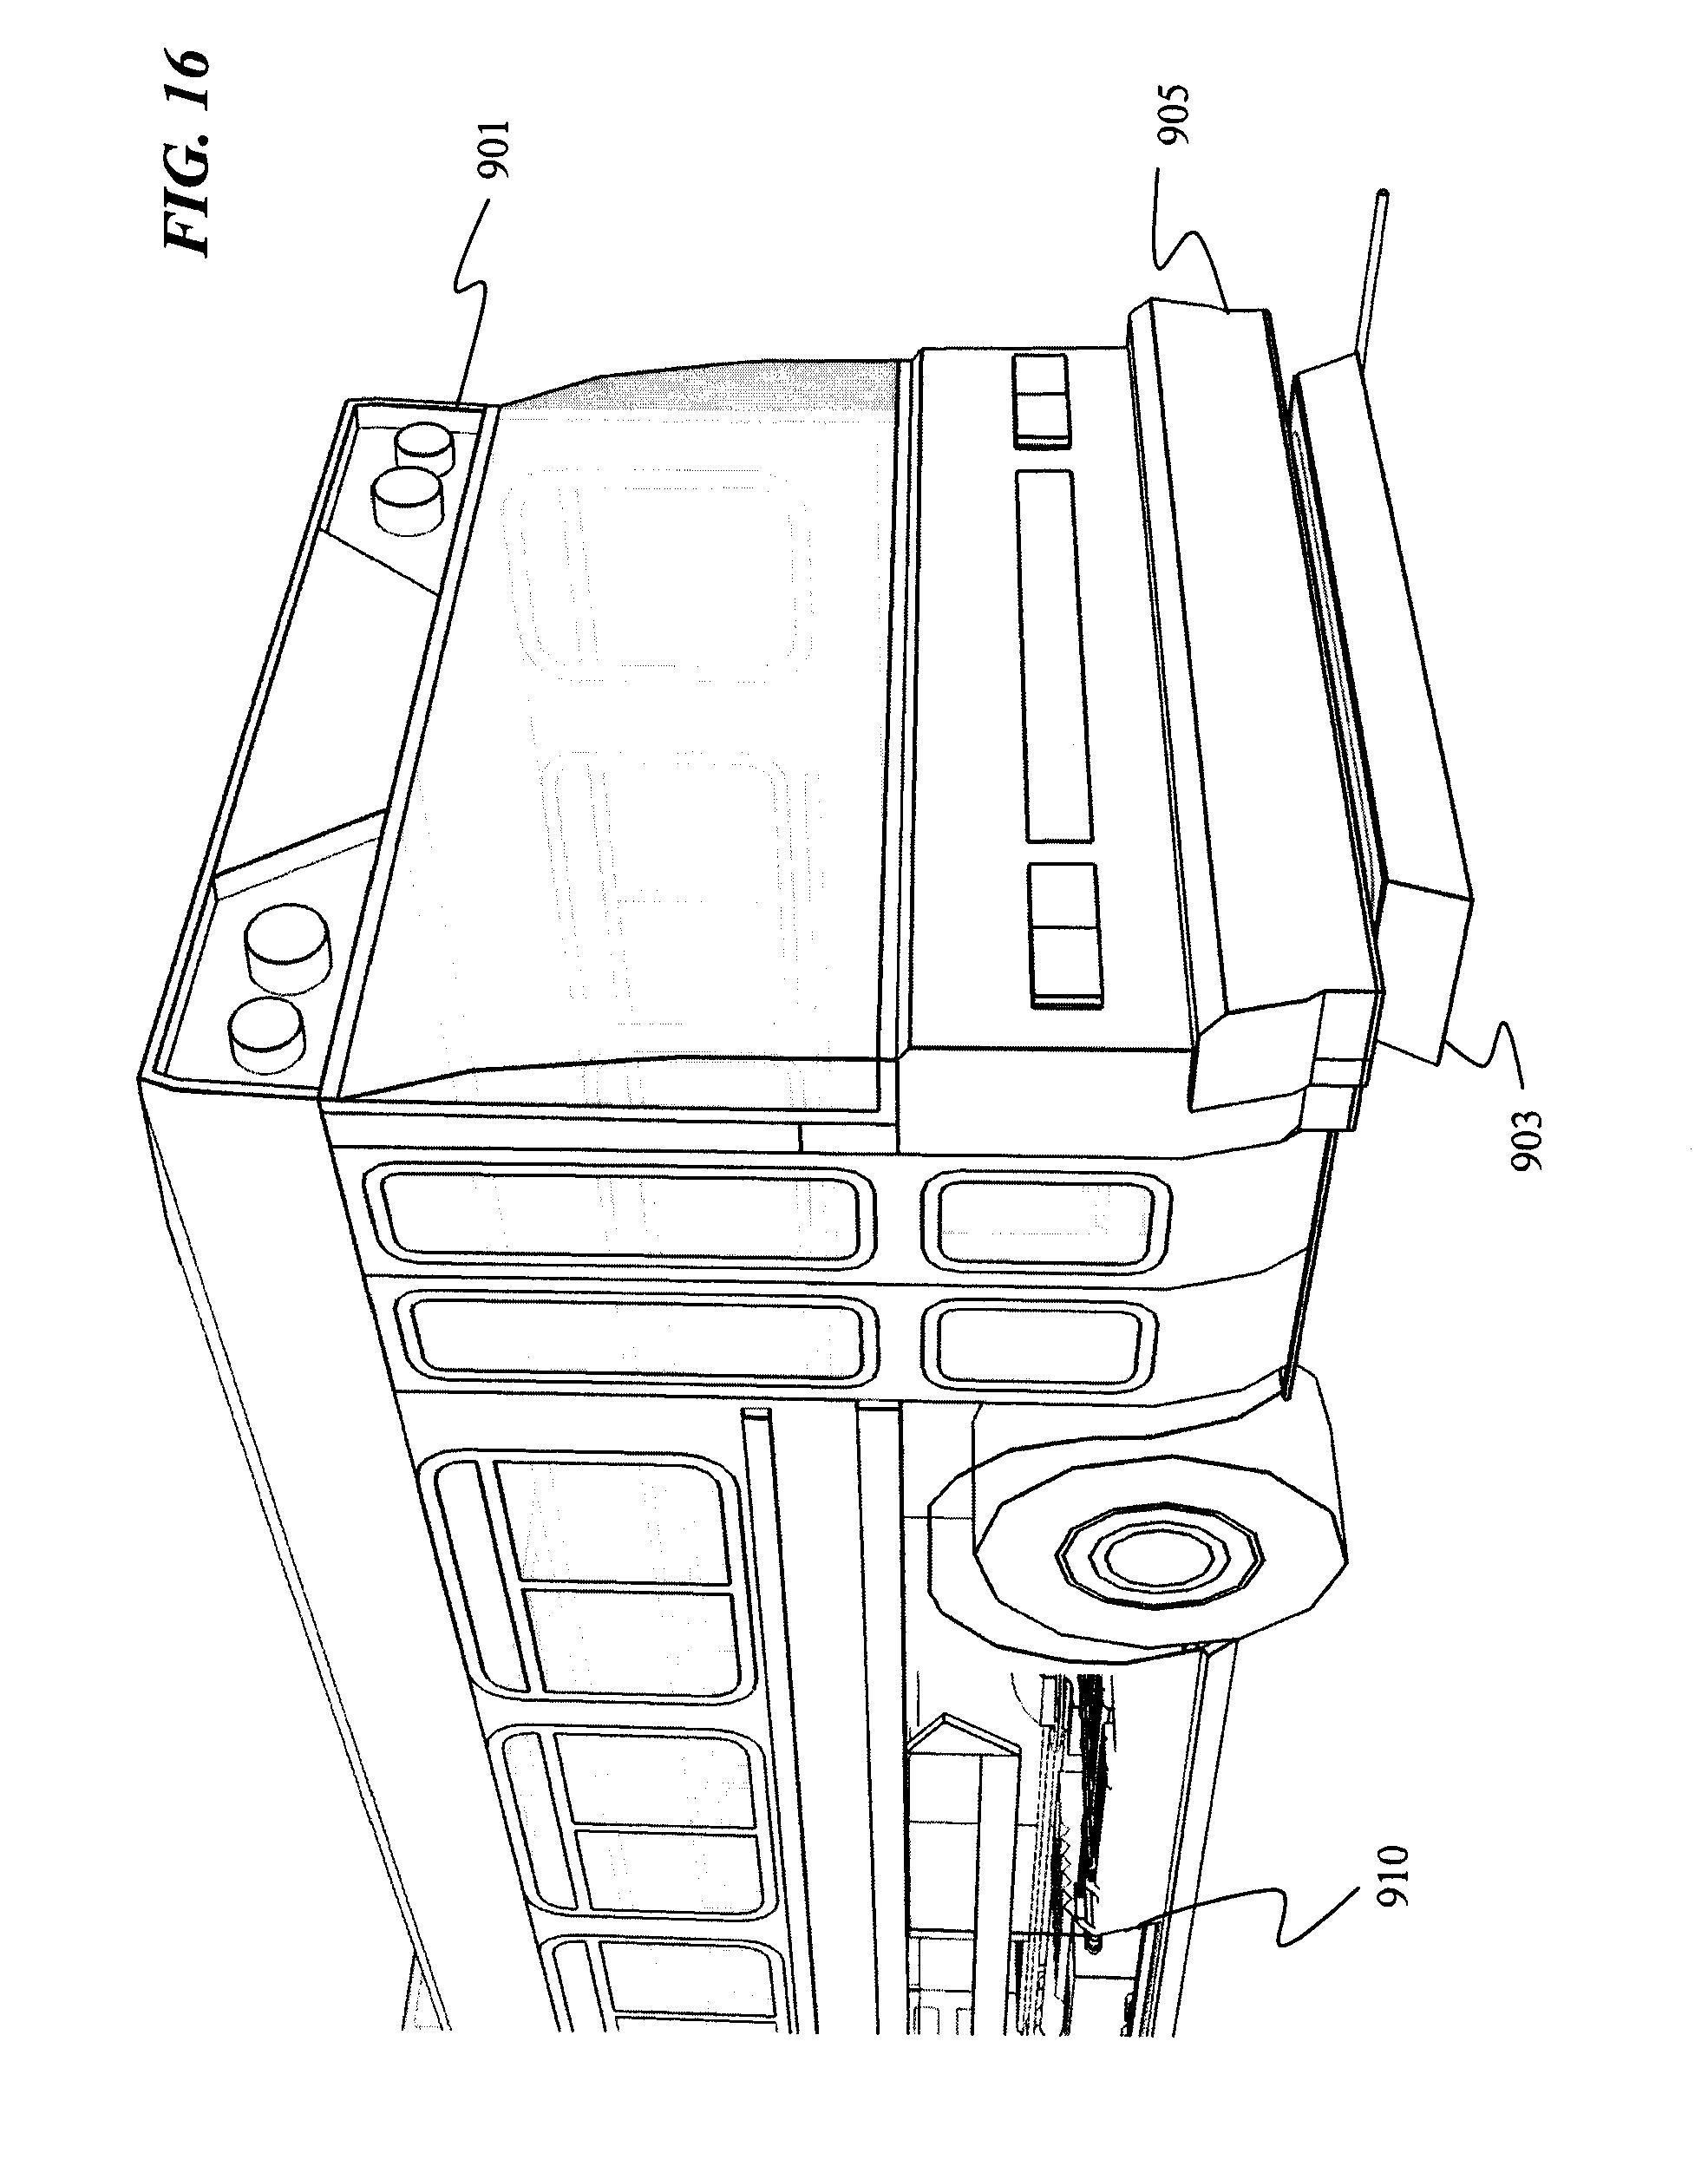 patent us20110163542